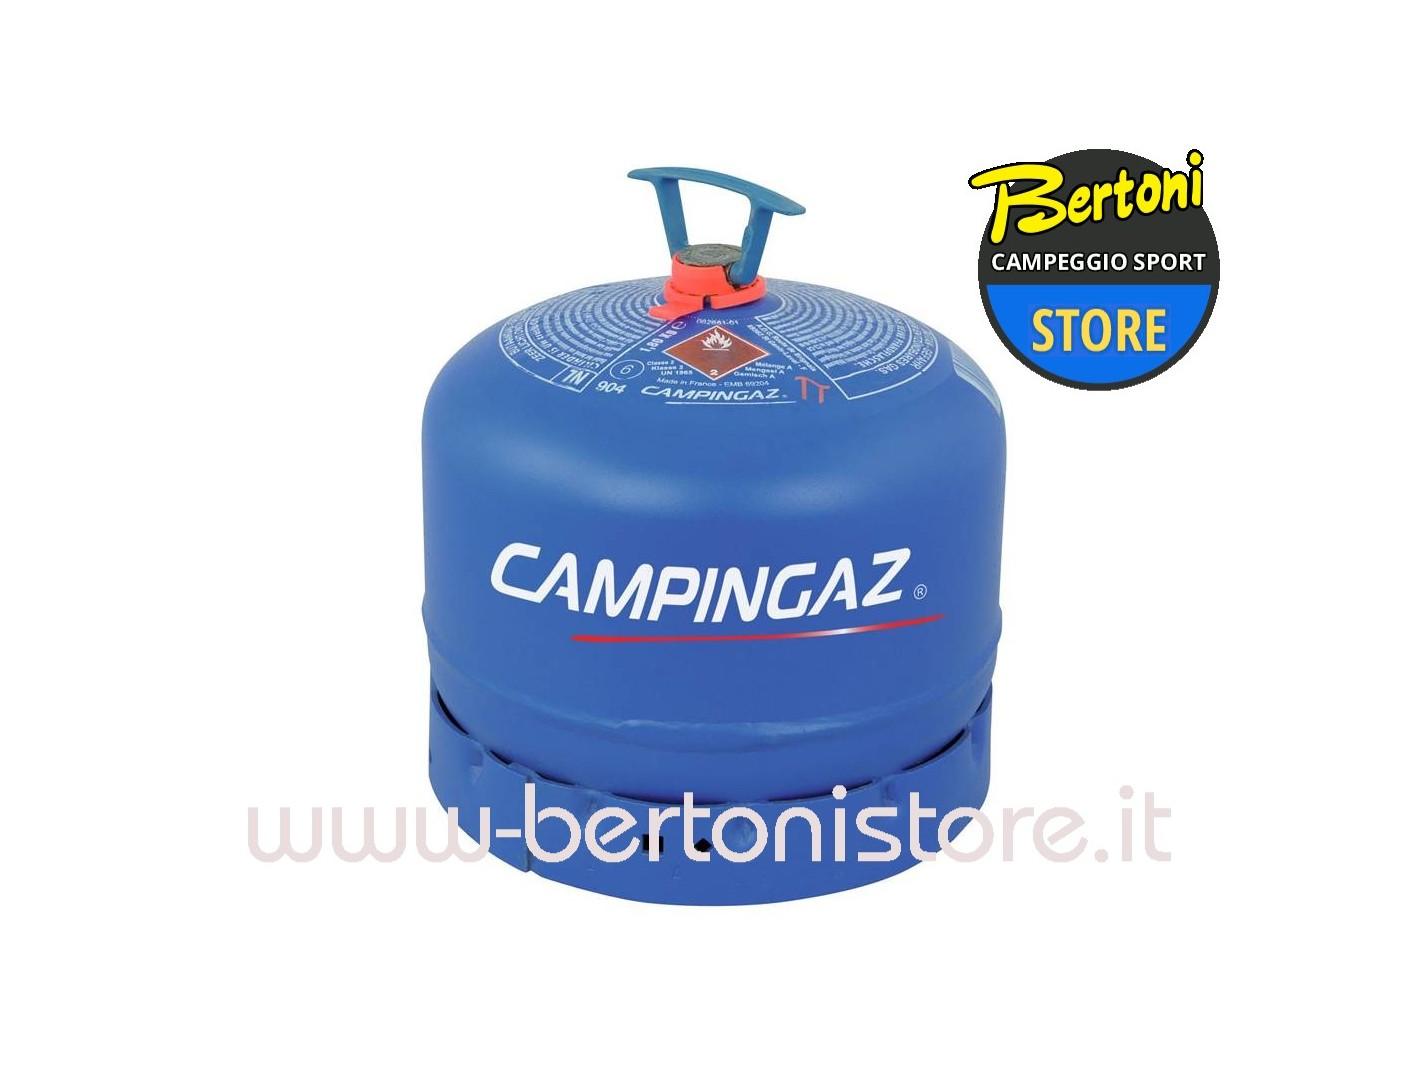 Bombola di gas r 904 6176 campingaz bertoni store milano - Bombola gas cucina prezzo ...